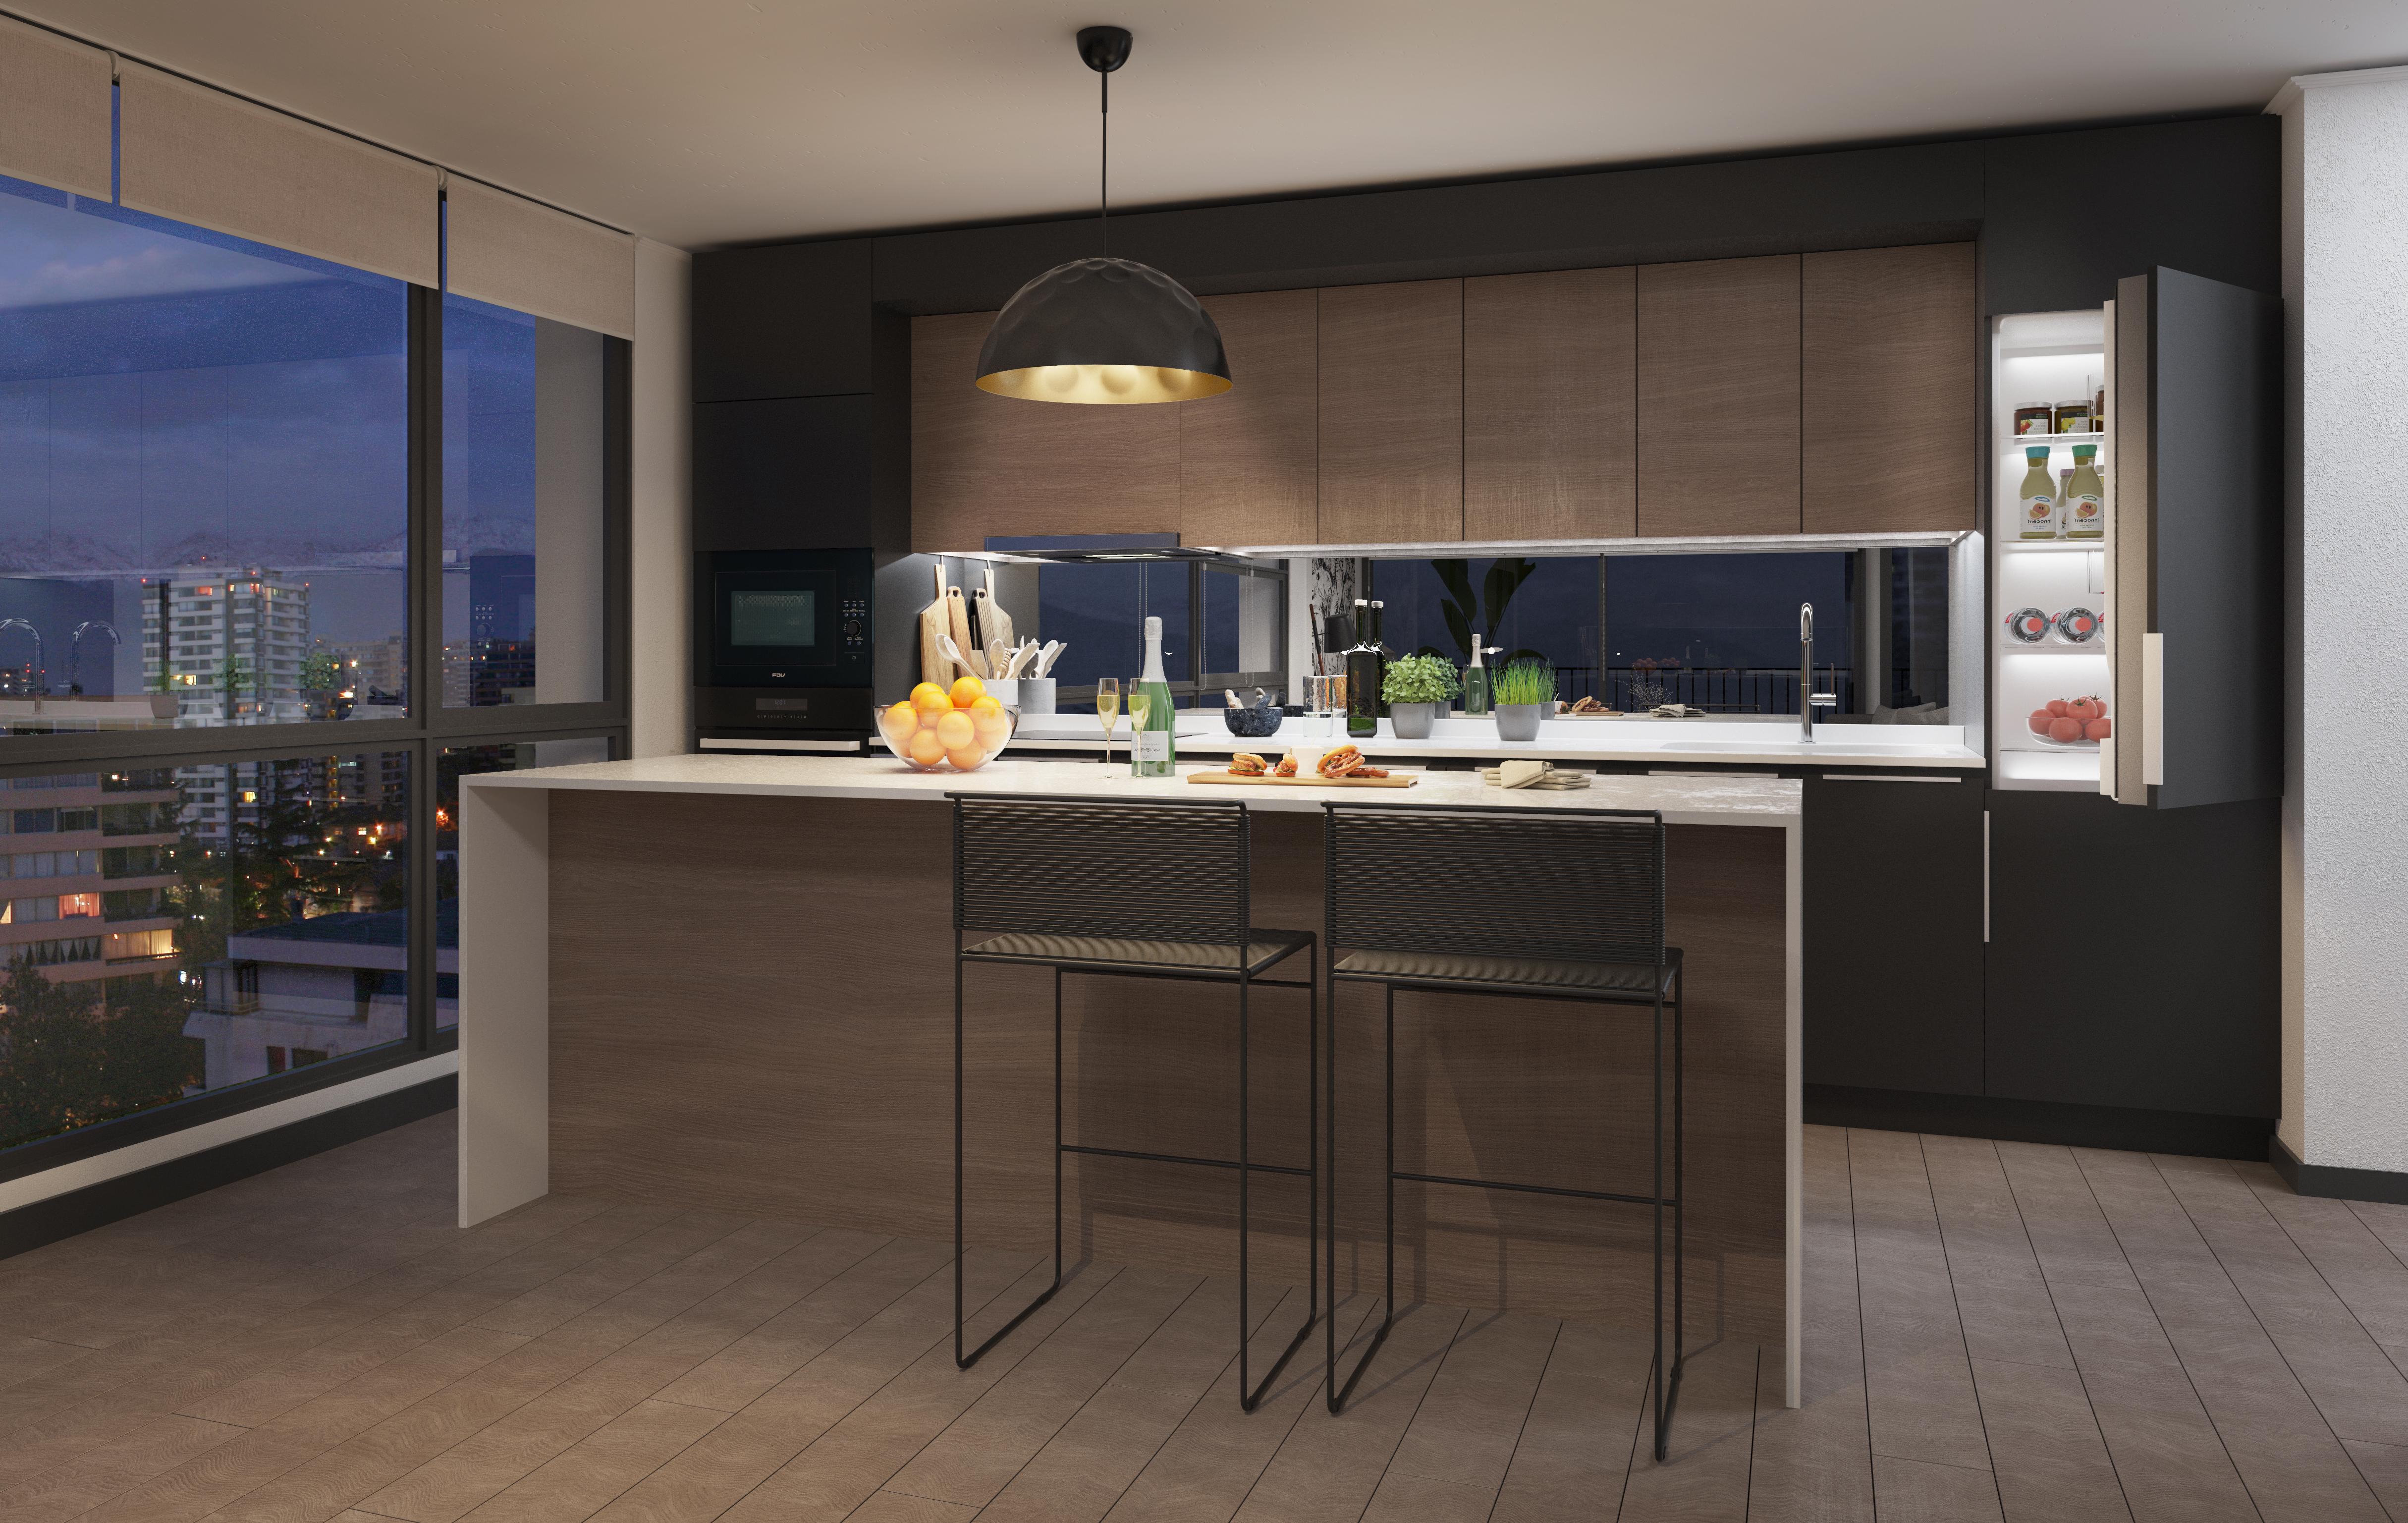 Inmobiliaria Manquehue Destaca Cocinas con Diseño en Nuevos ...